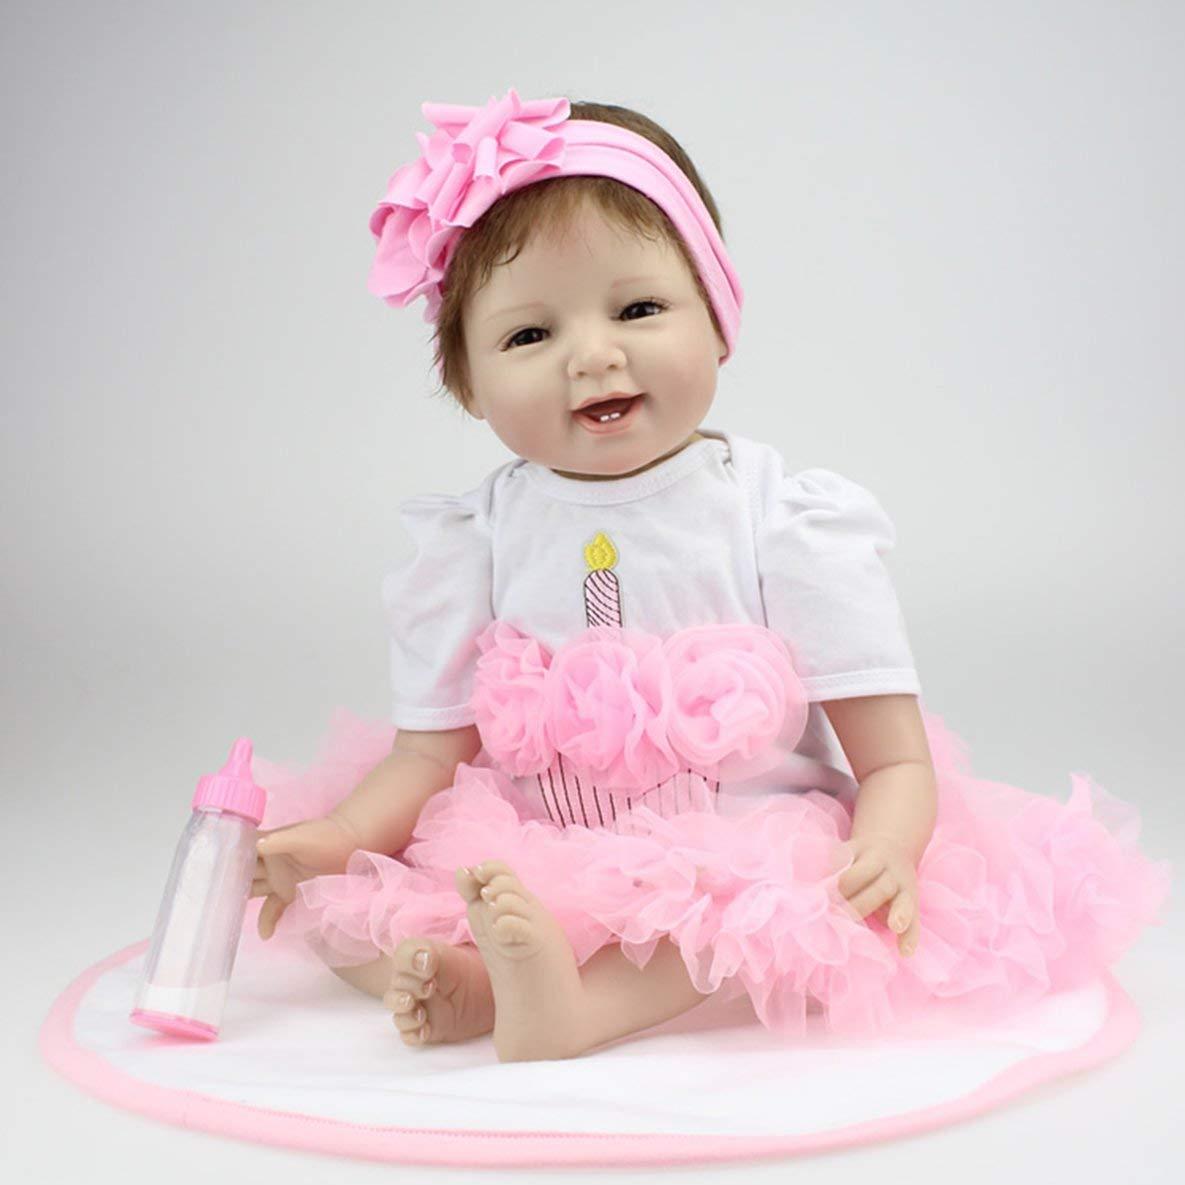 22 Pulgadas Sonrisa Cara renacer muñecas del bebé muñecas realistas realistas Bebe Reborn bebés bebés niñas Juguetes con un Hermoso Vestido